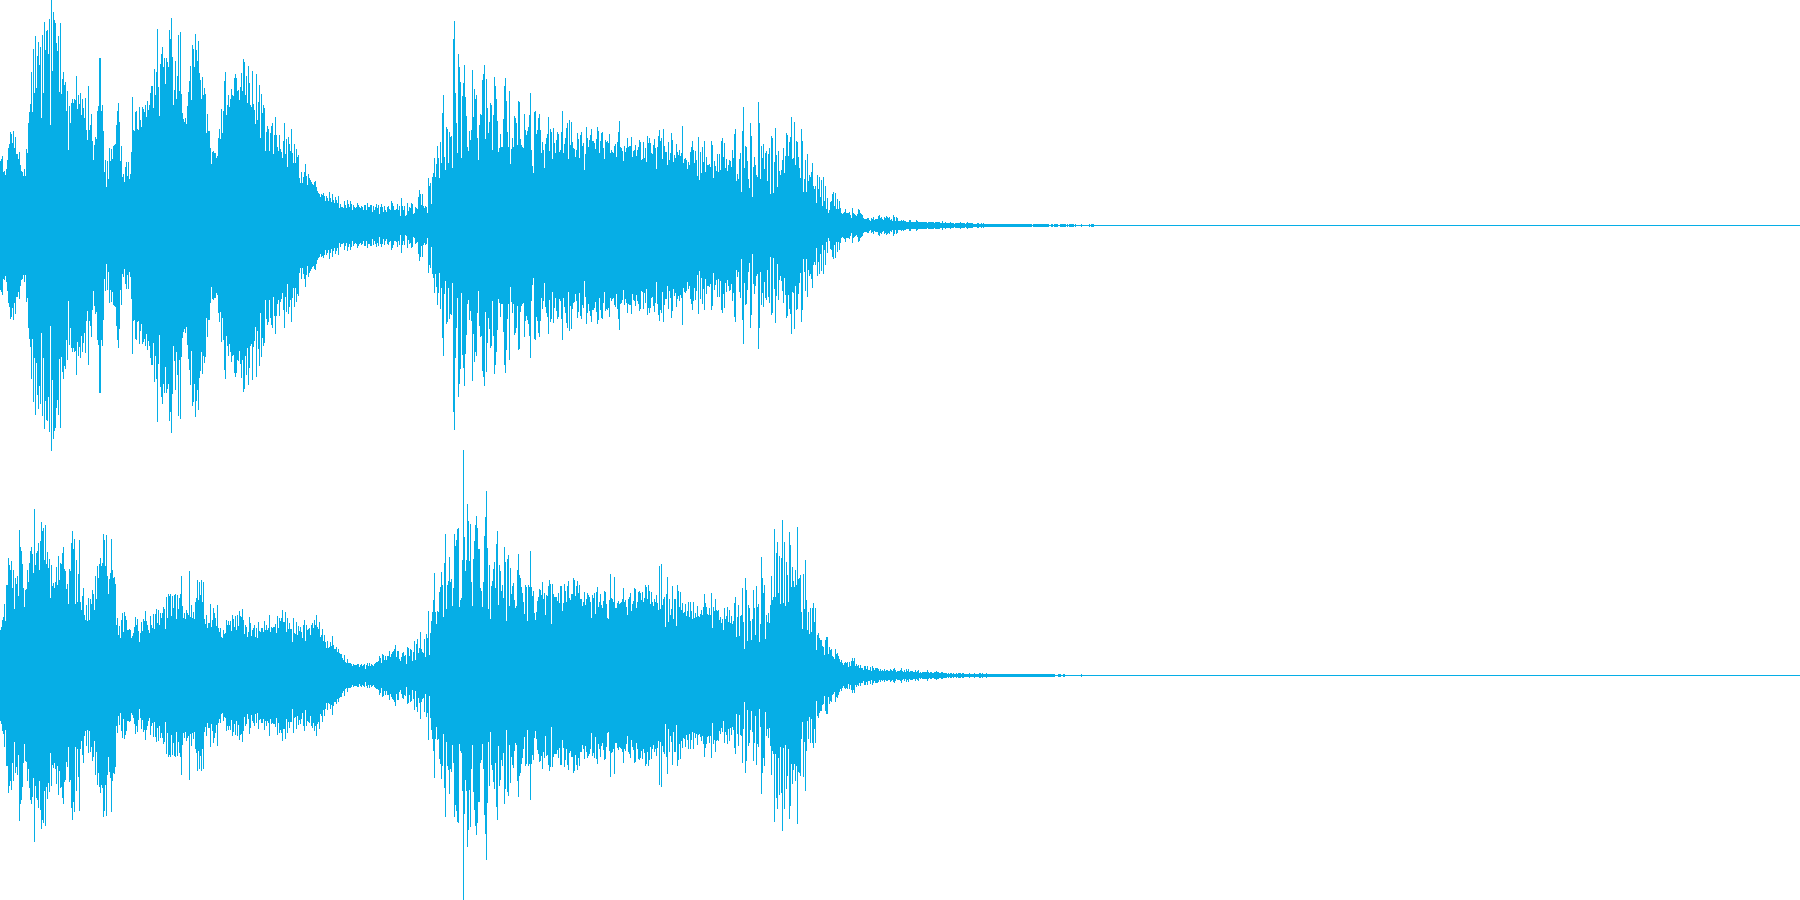 ハッピーニューイヤー ボイス&DJロゴ1の再生済みの波形